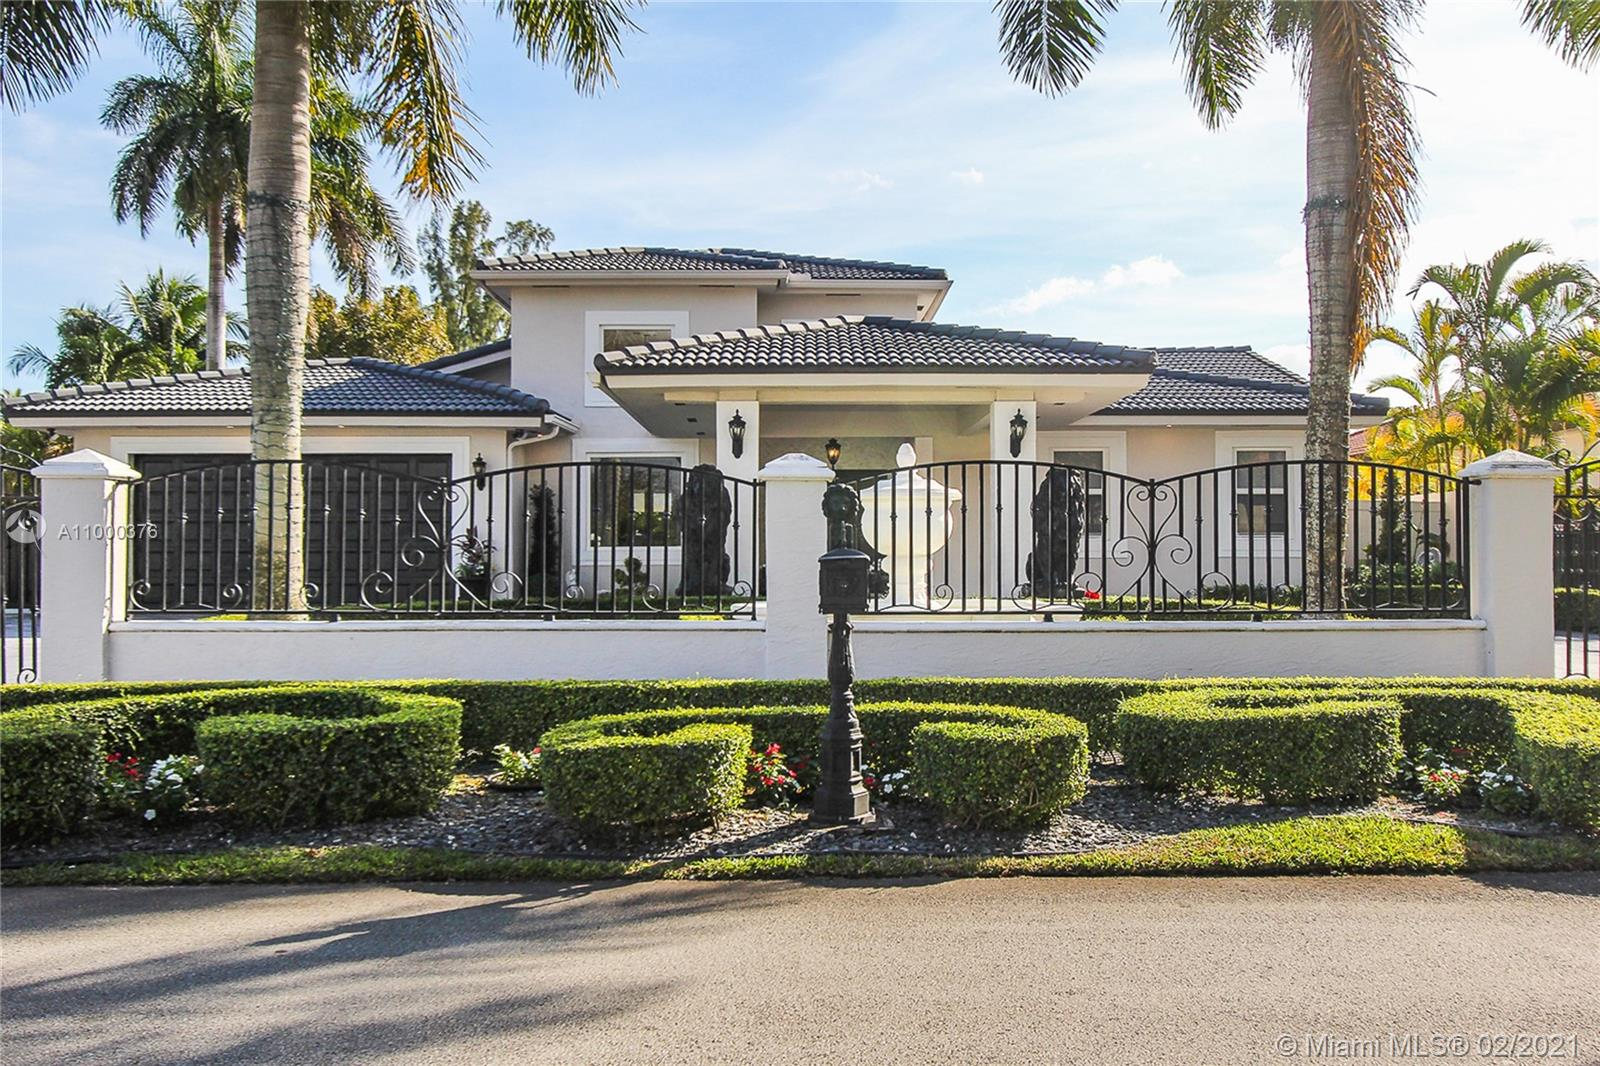 J G Heads Farms - 13340 SW 32nd St, Miami, FL 33175